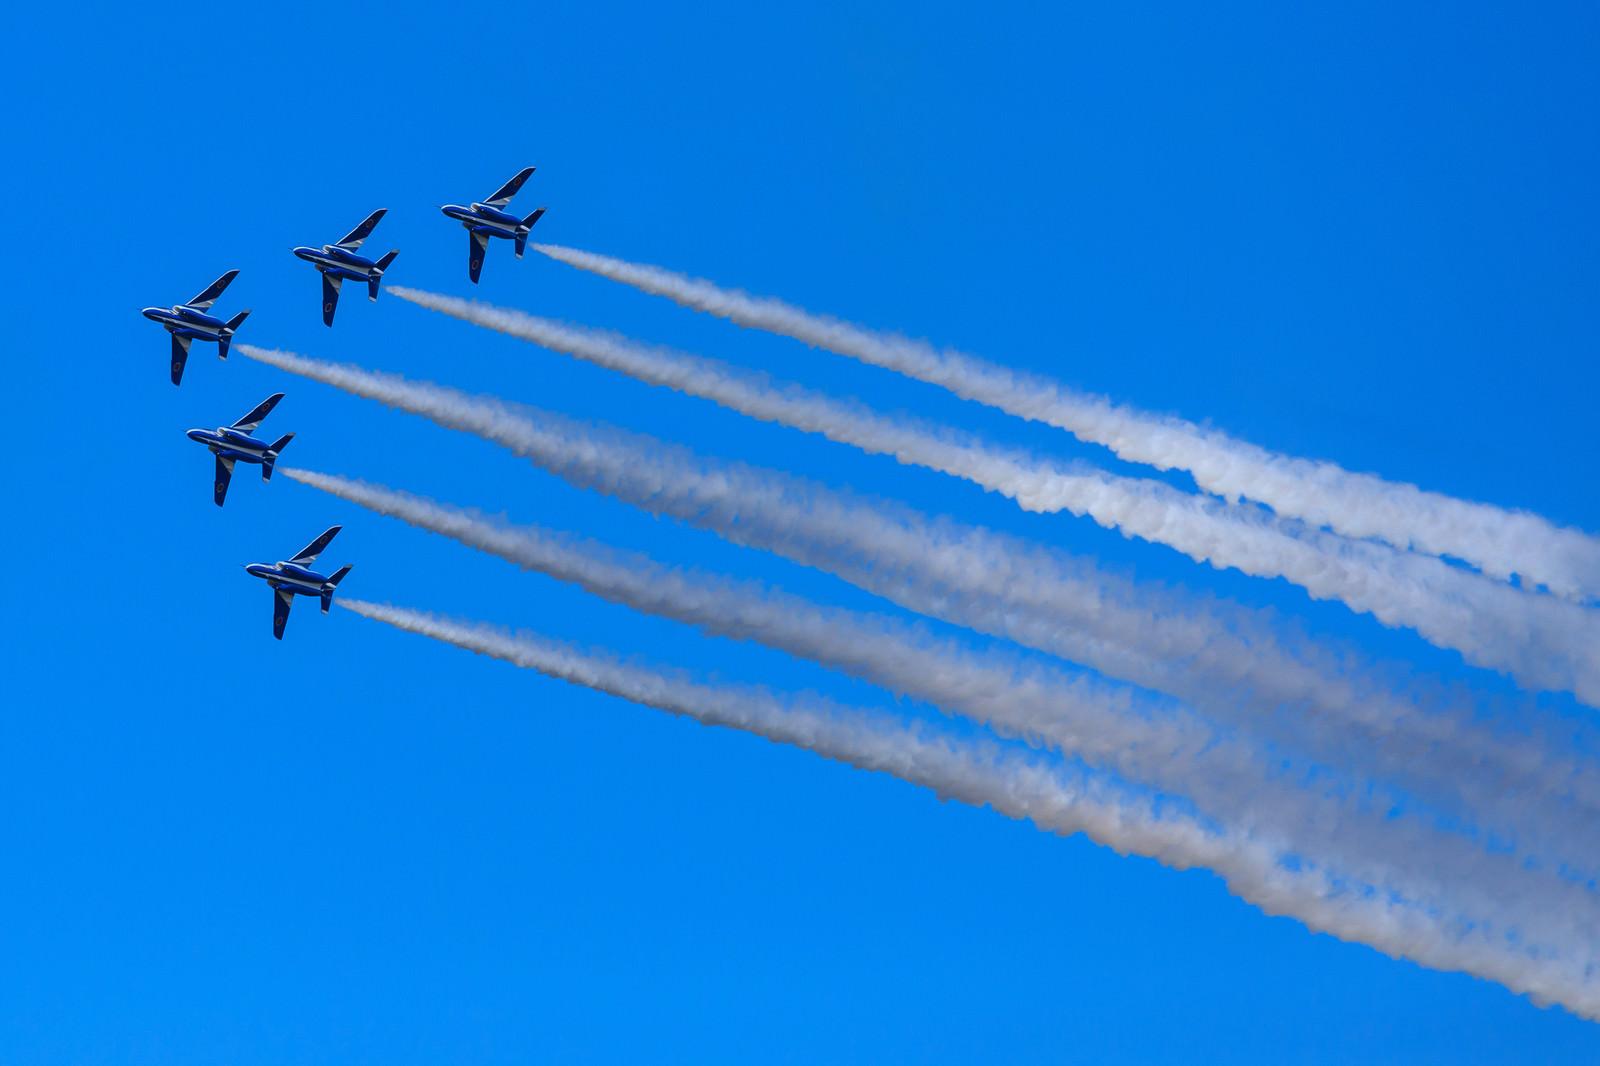 「編隊飛行(ブルーインパルス)編隊飛行(ブルーインパルス)」のフリー写真素材を拡大